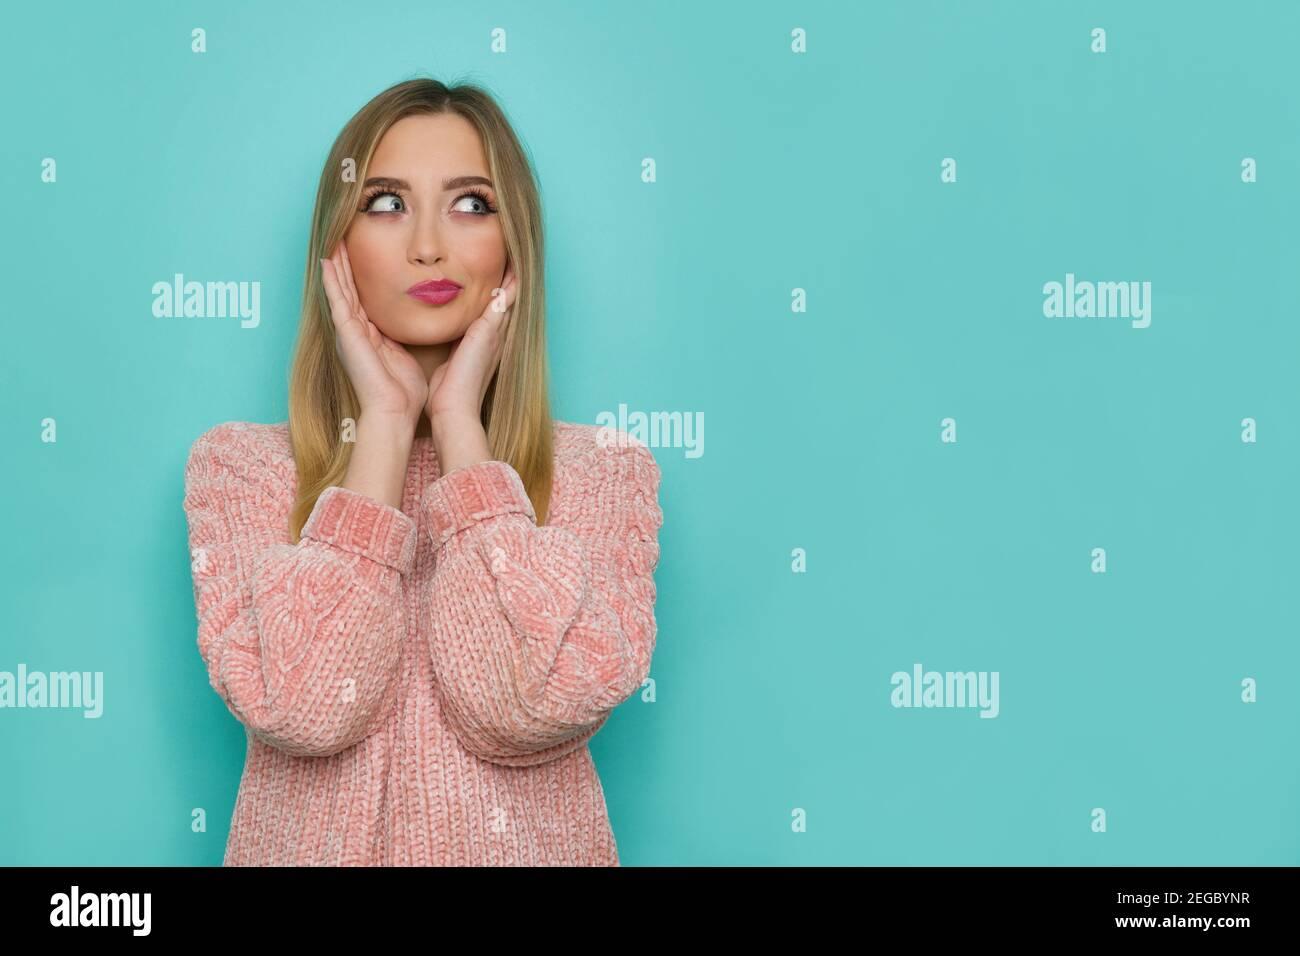 Giovane donna preoccupata in maglia rosa sta tenendo la testa nelle mani, guardando il lato e pensando. Studio in vita su sfondo turchese. Foto Stock